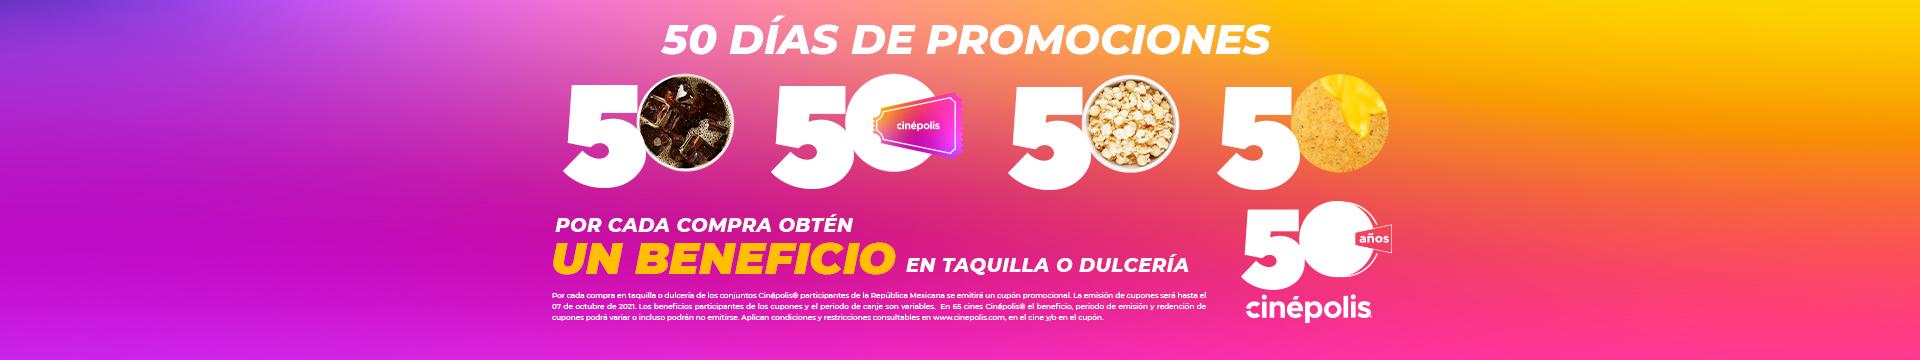 Promocion 50 Años Master